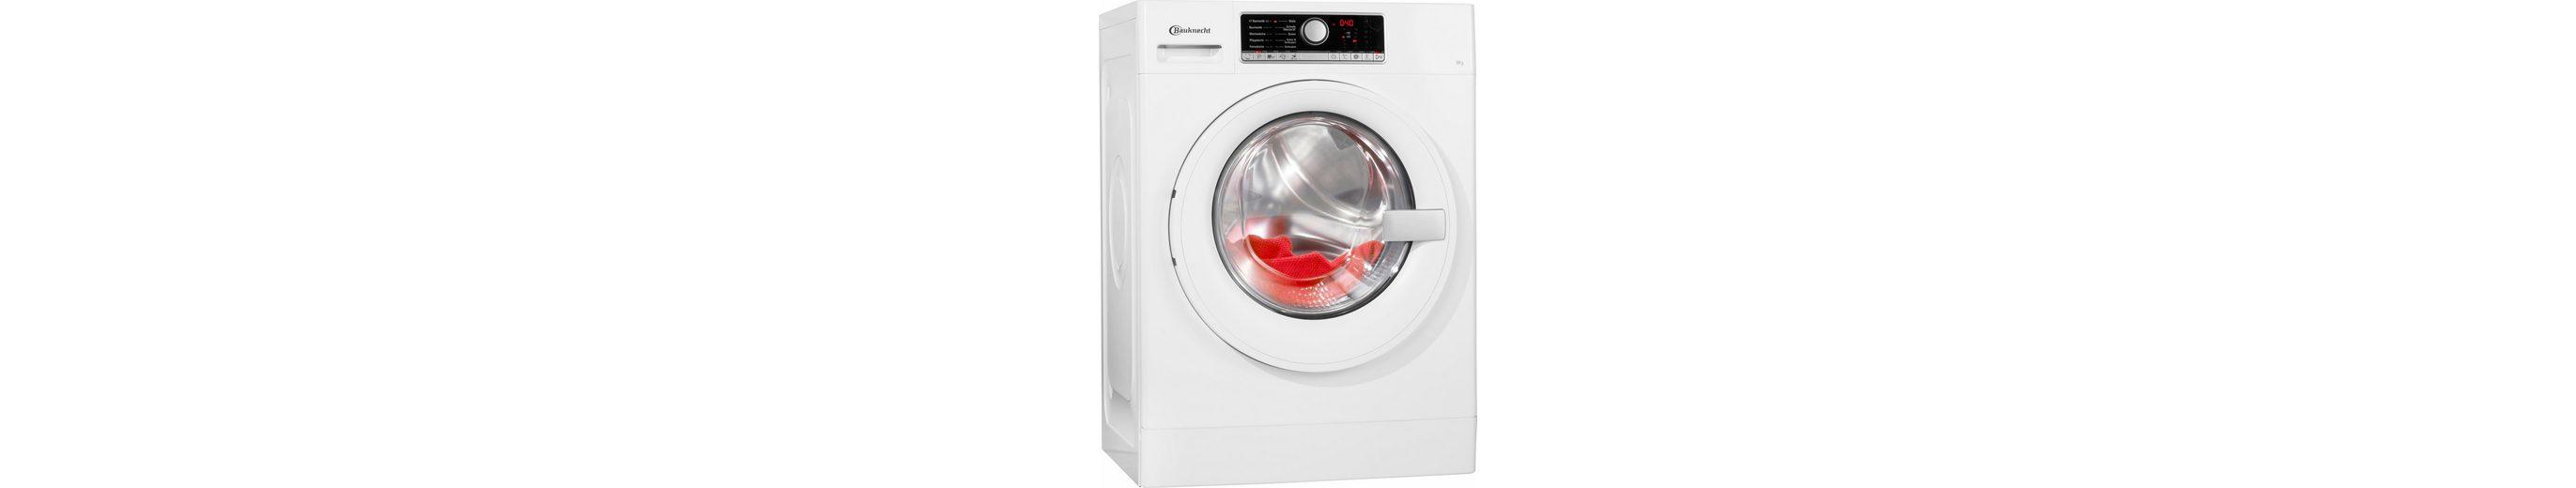 BAUKNECHT Waschmaschine WA Prime 854 PM, A+++, 8 kg, 1400 U/Min